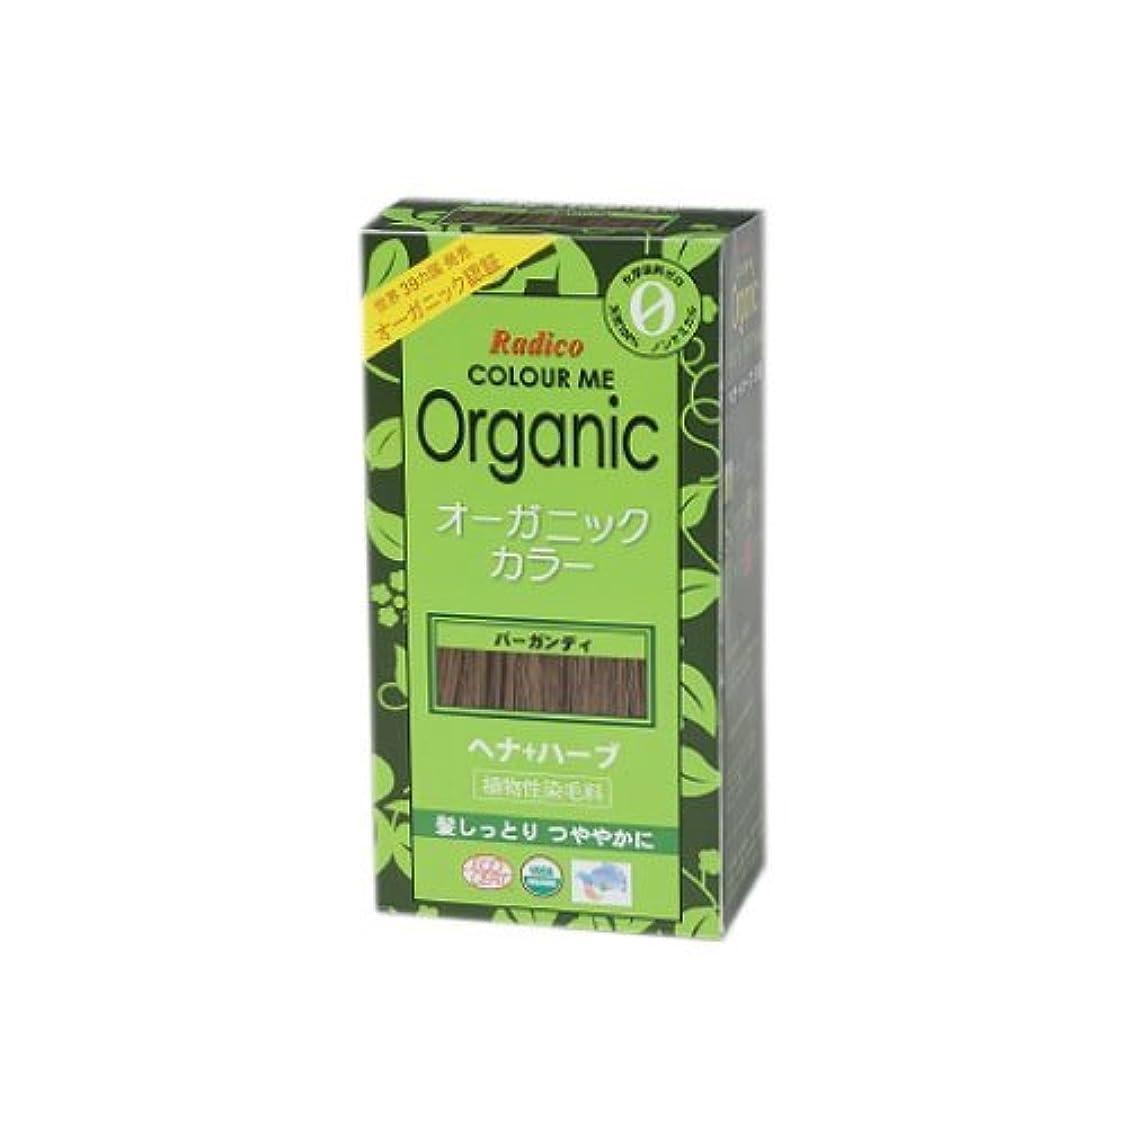 COLOURME Organic (カラーミーオーガニック ヘナ 白髪用) バーガンディ 100g